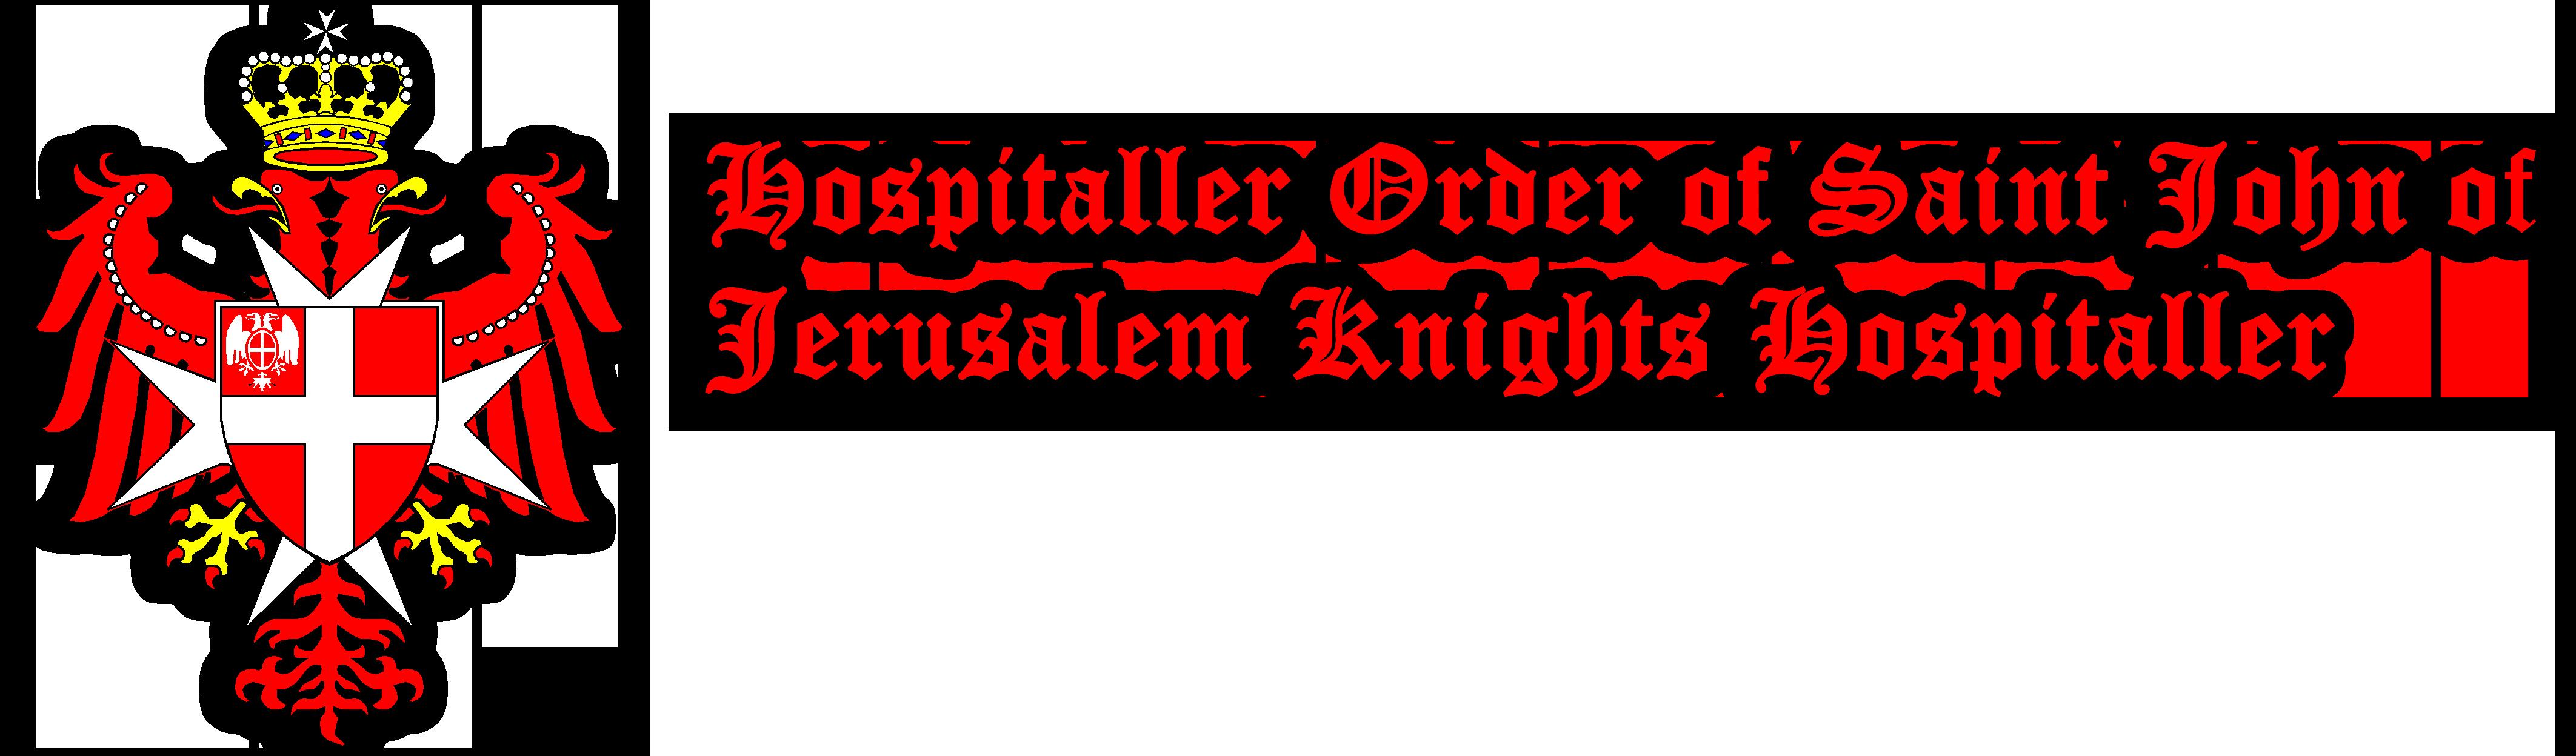 Hospitaller Order of Saint John